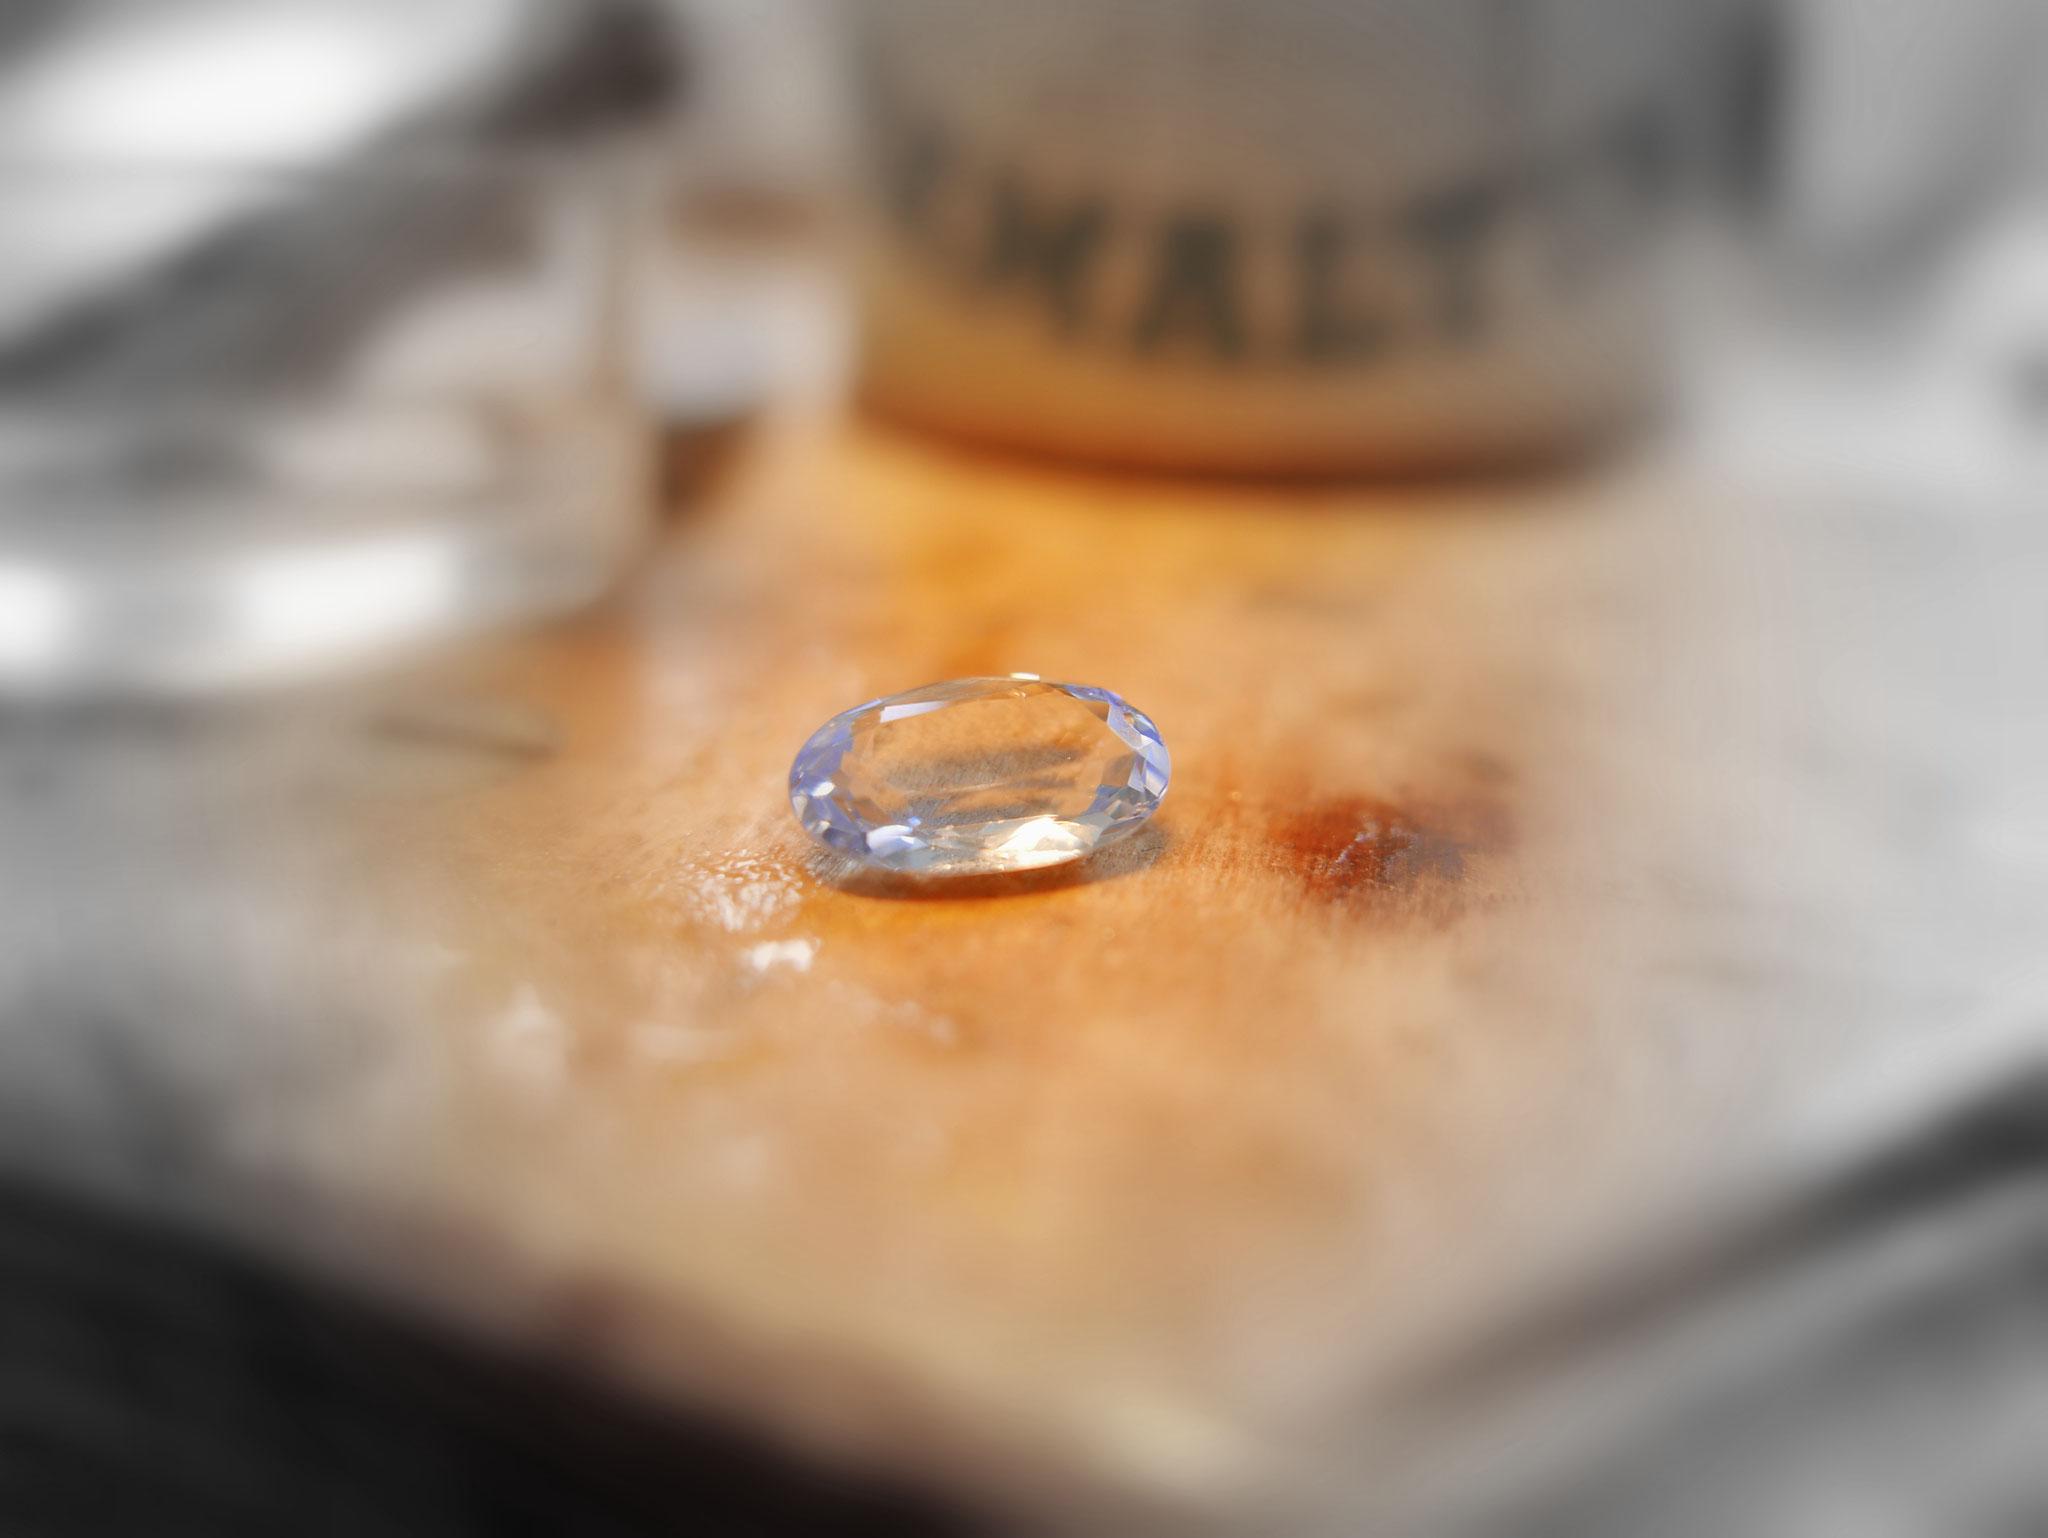 Der Kunden Aquamarin der in einen  einfachen Weißgoldanhänger  gearbeitet werden soll.